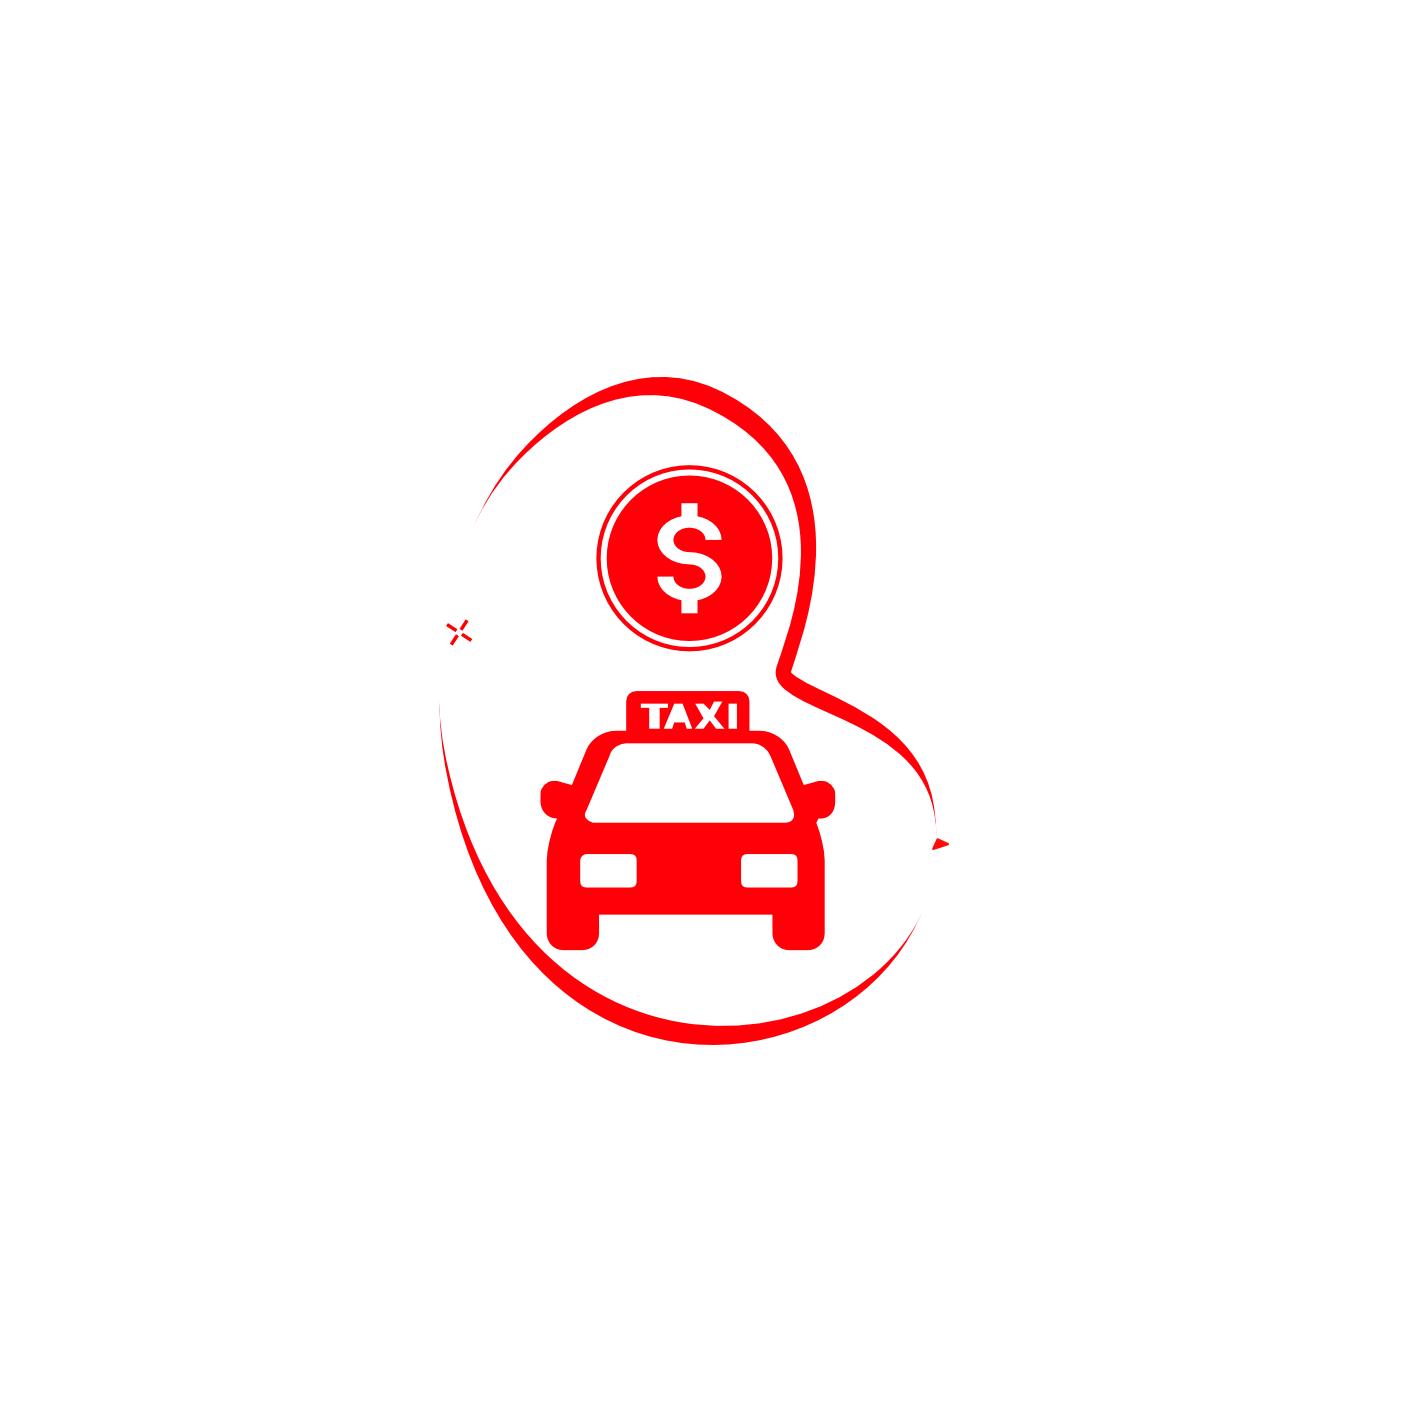 Public Passenger Vehicle